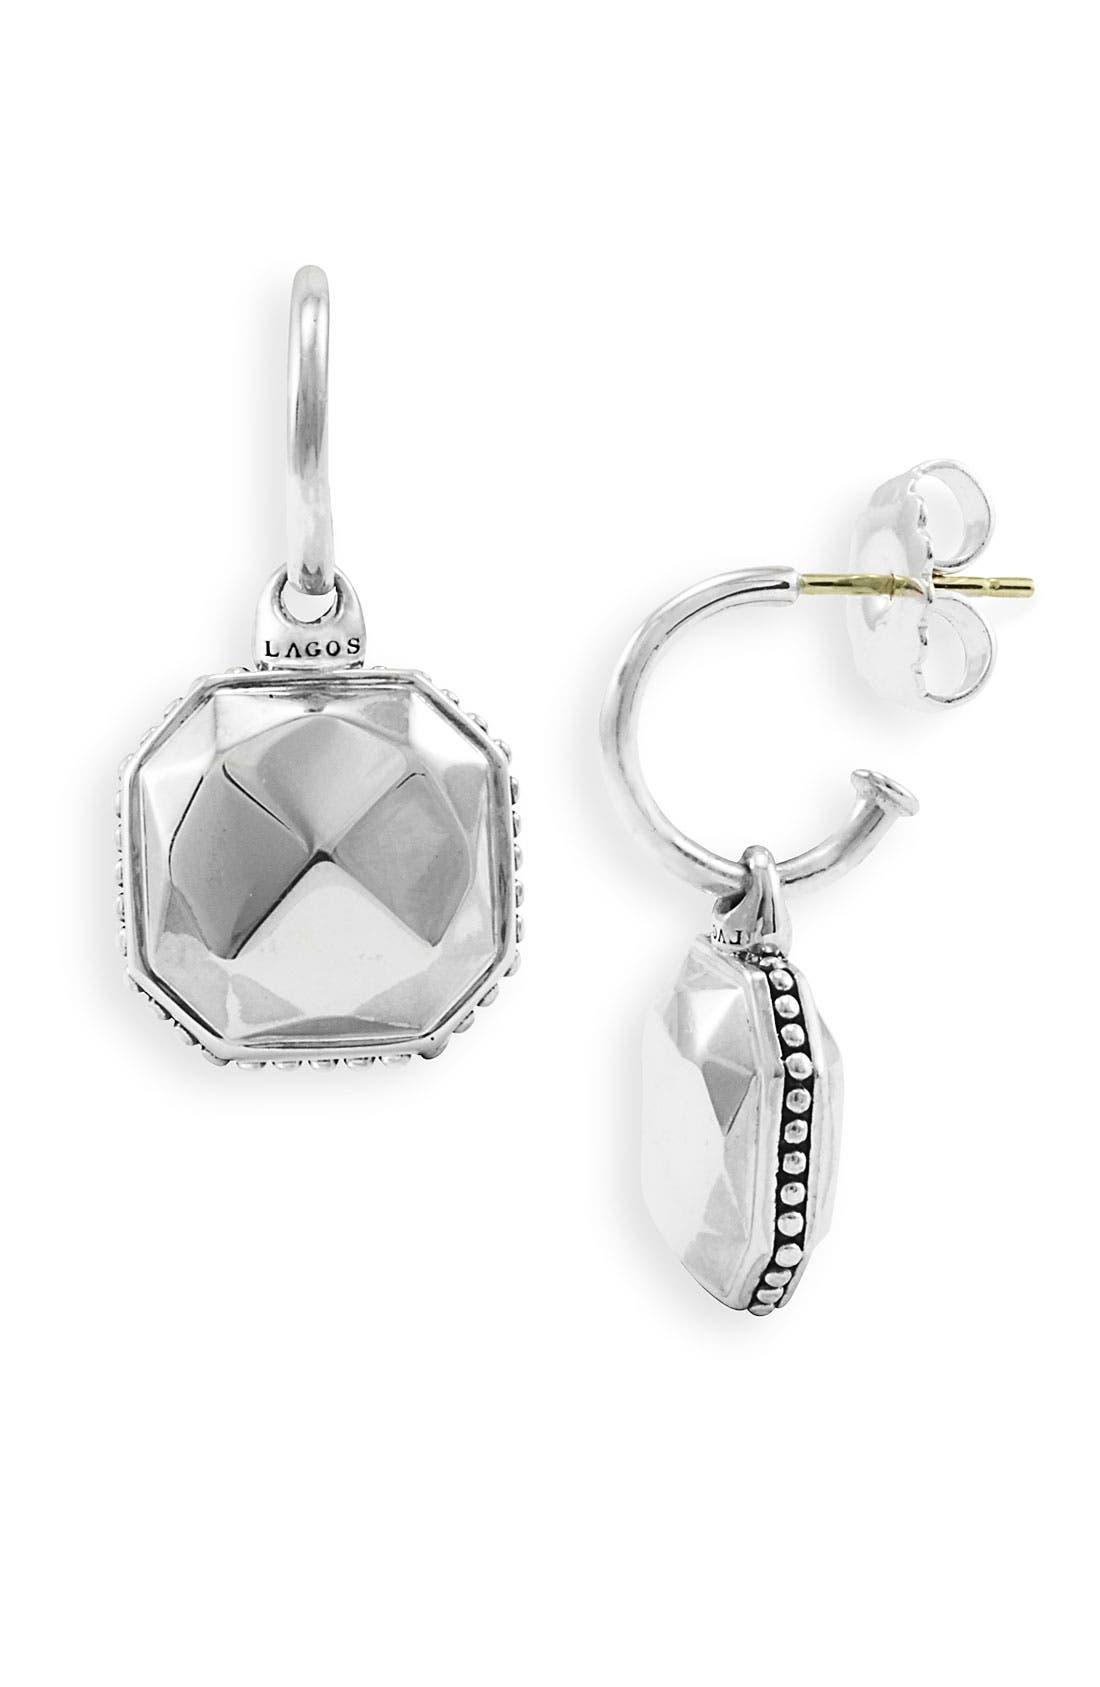 Main Image - LAGOS 'Rocks' Charm Hoop Earrings